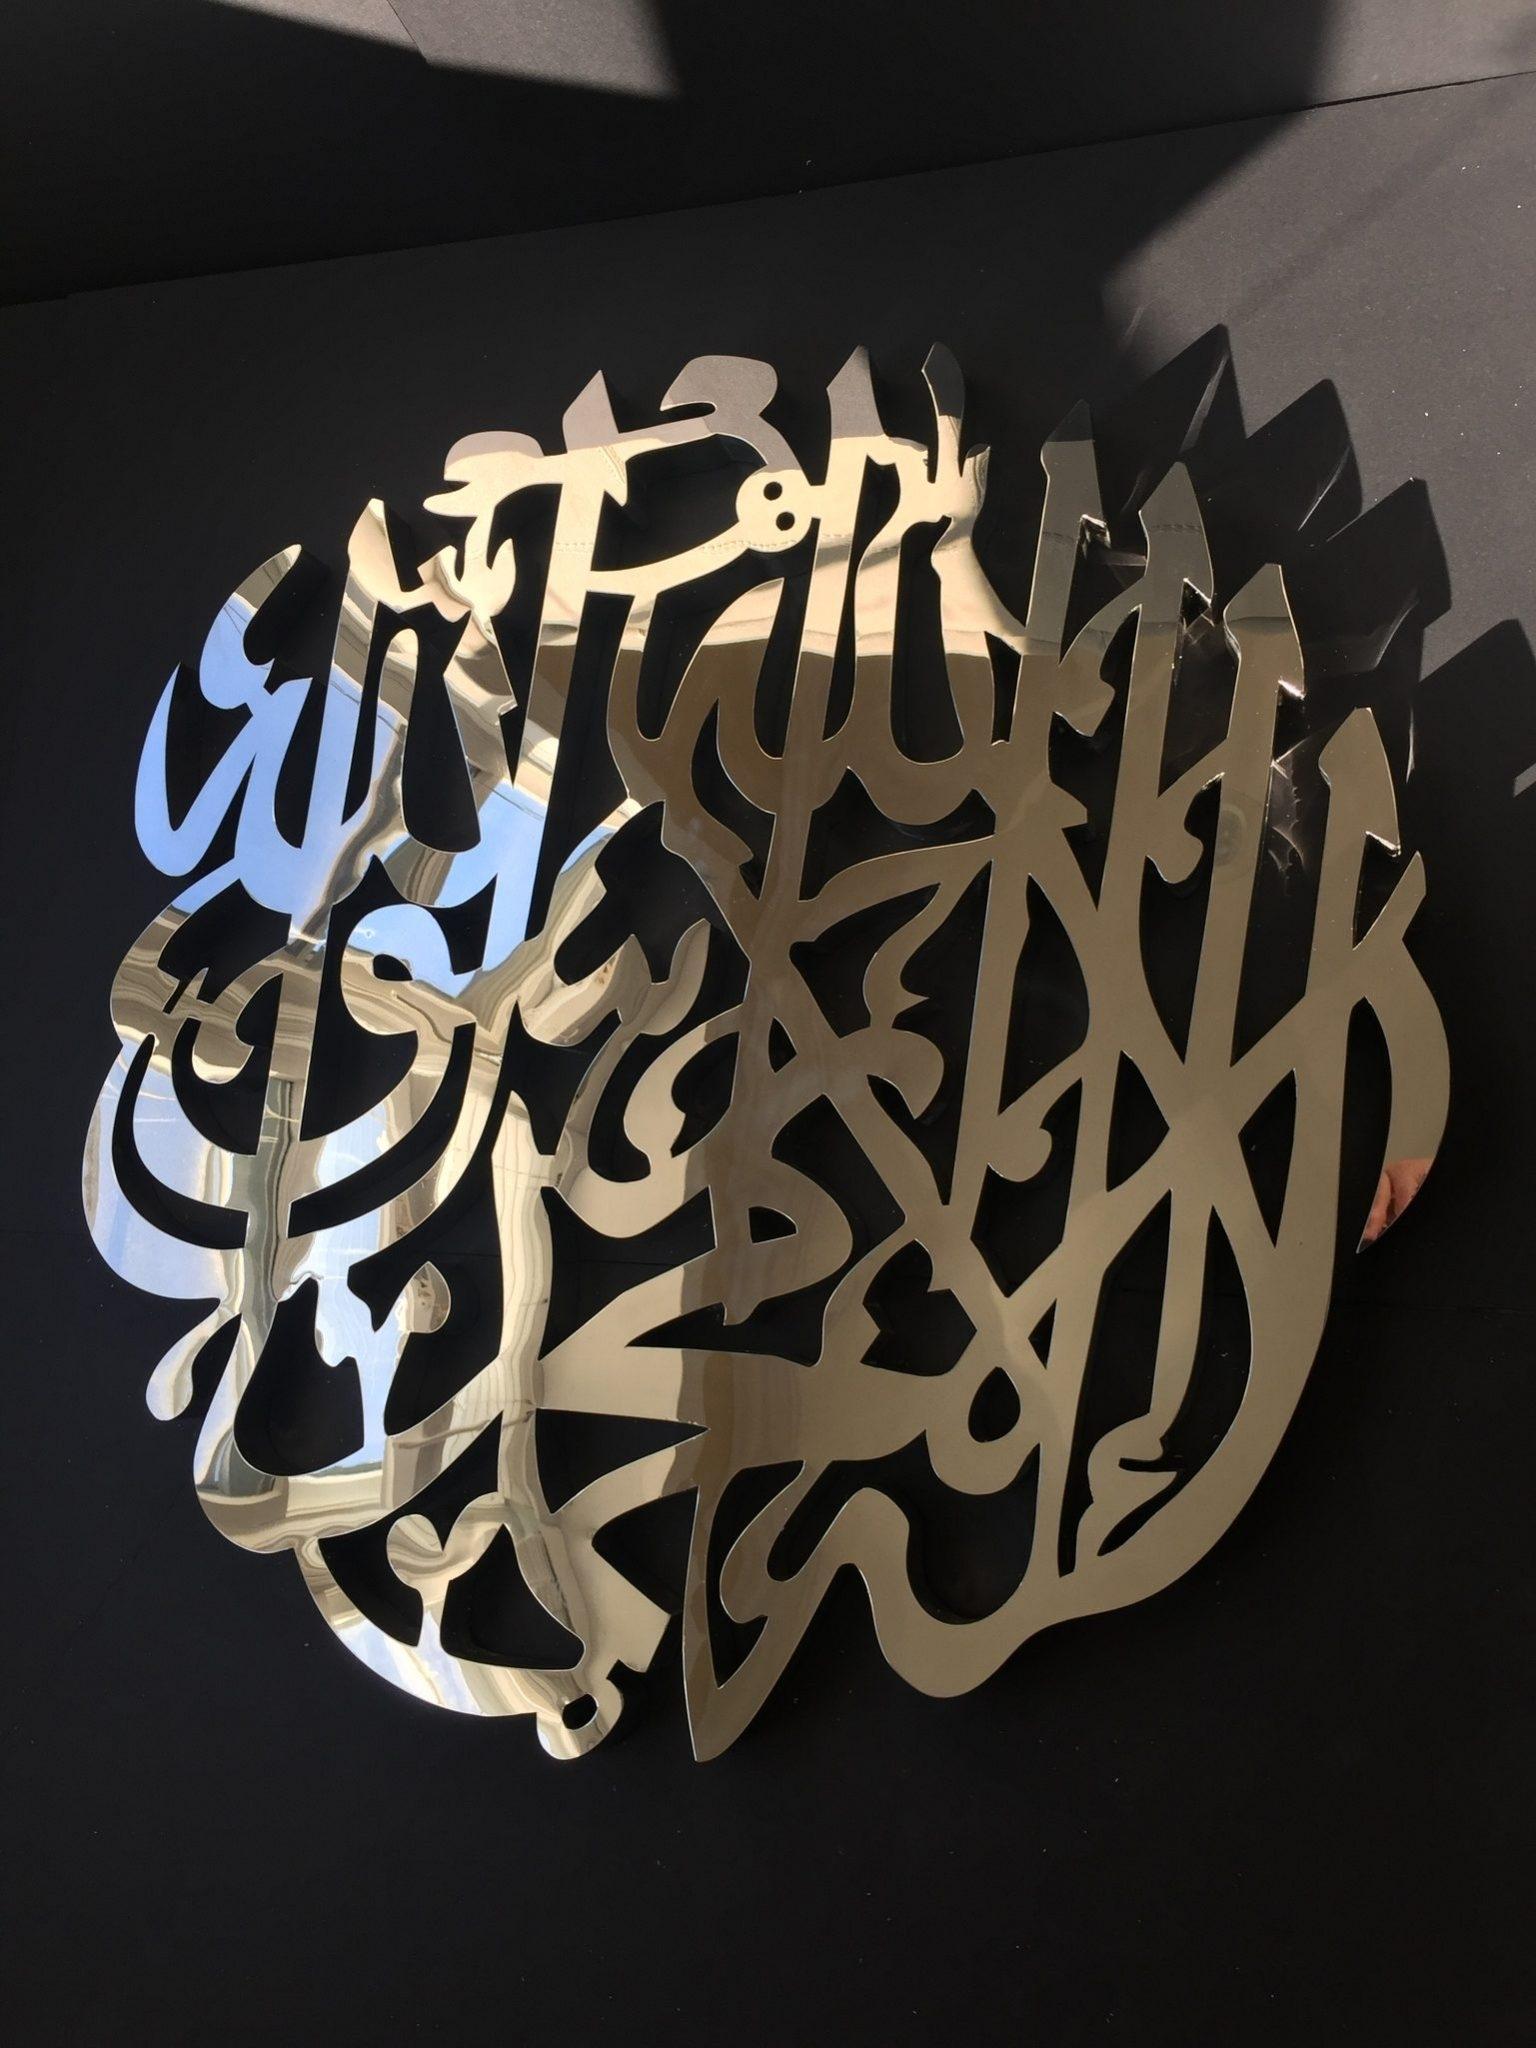 Shahada / Kalima  Modern Islamic Wall Art Calligraphy – Modern Within Newest Islamic Wall Art (View 12 of 15)